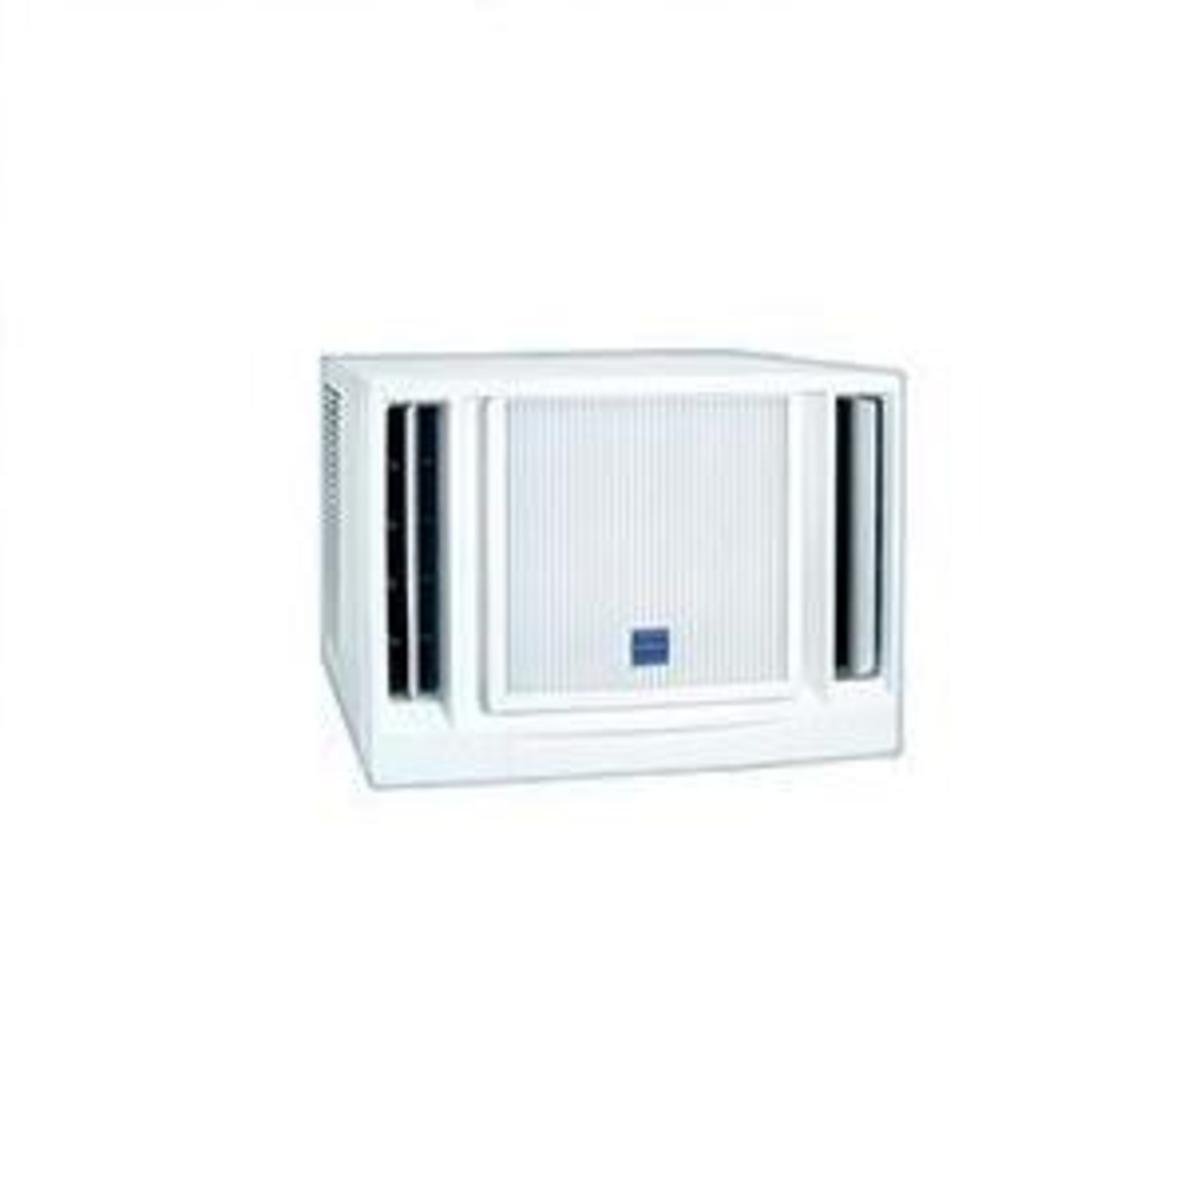 日立 1匹小涼伴窗口式冷氣機 (淨冷) RA10MF